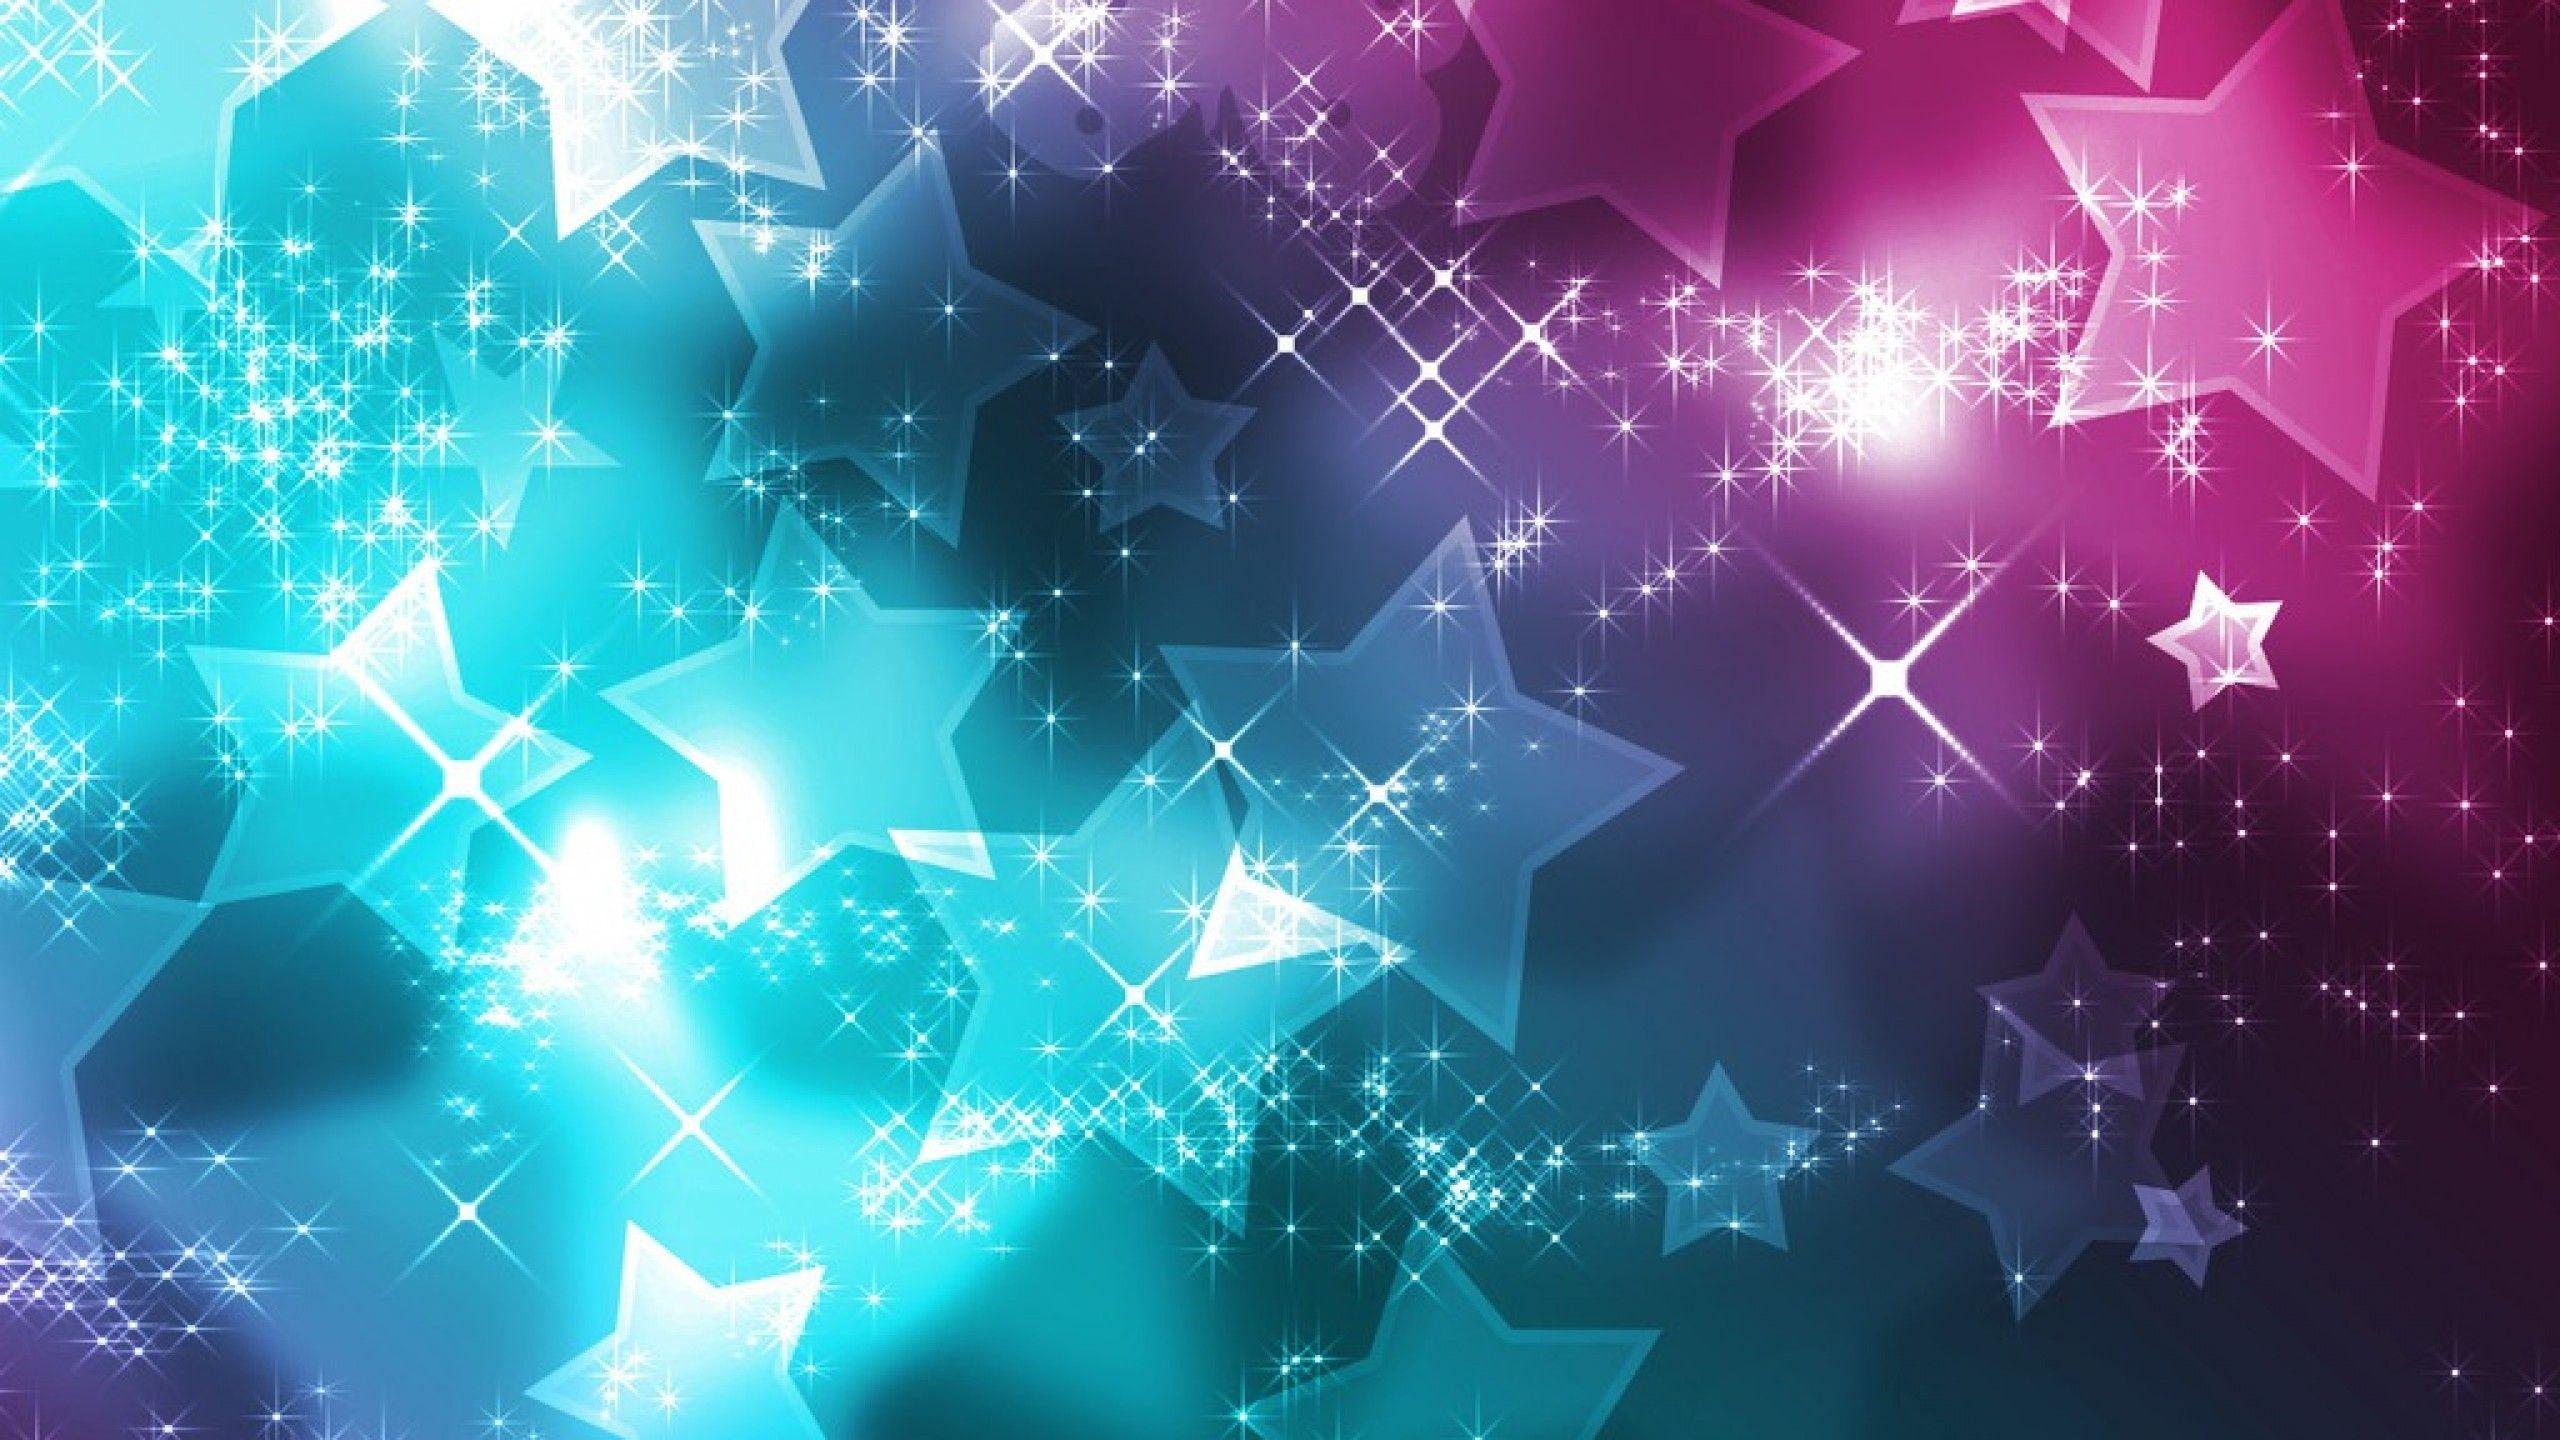 Colores fucsia y turquesa buscar con google stars for Buscar imagenes de fondo de pantalla